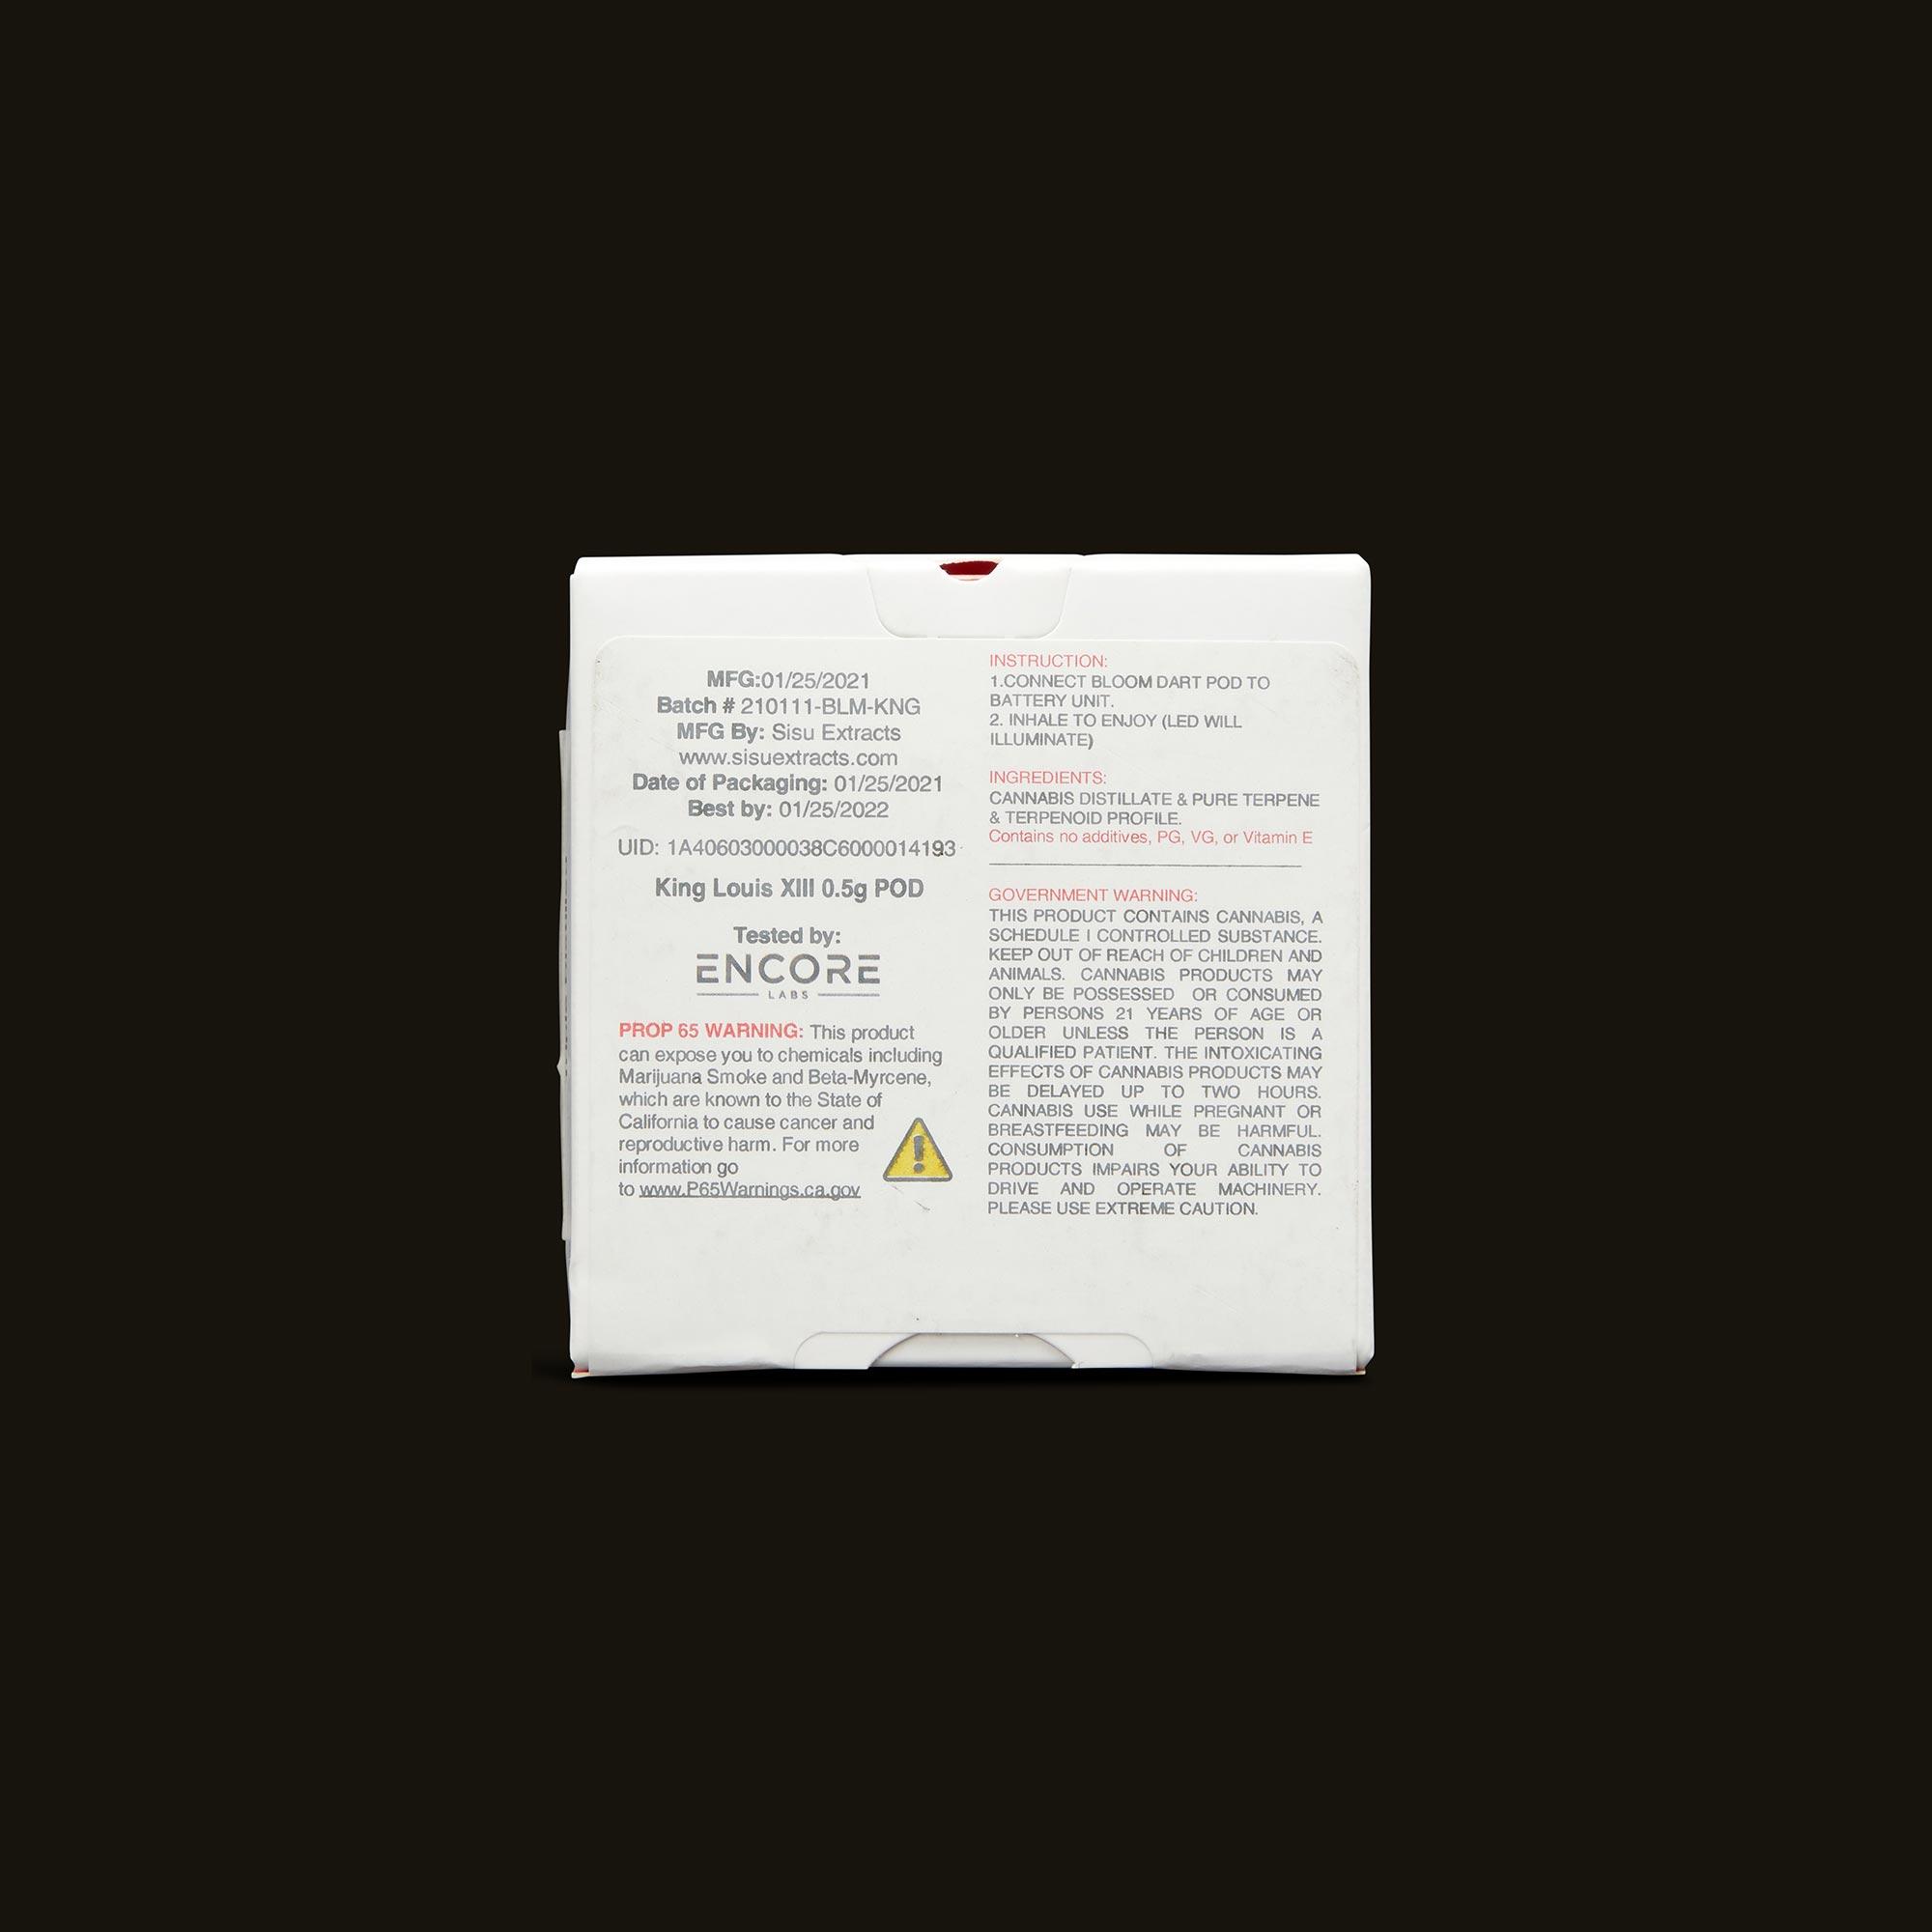 Bloom Brands Vape Pen - King Louis XIII Dart Pod